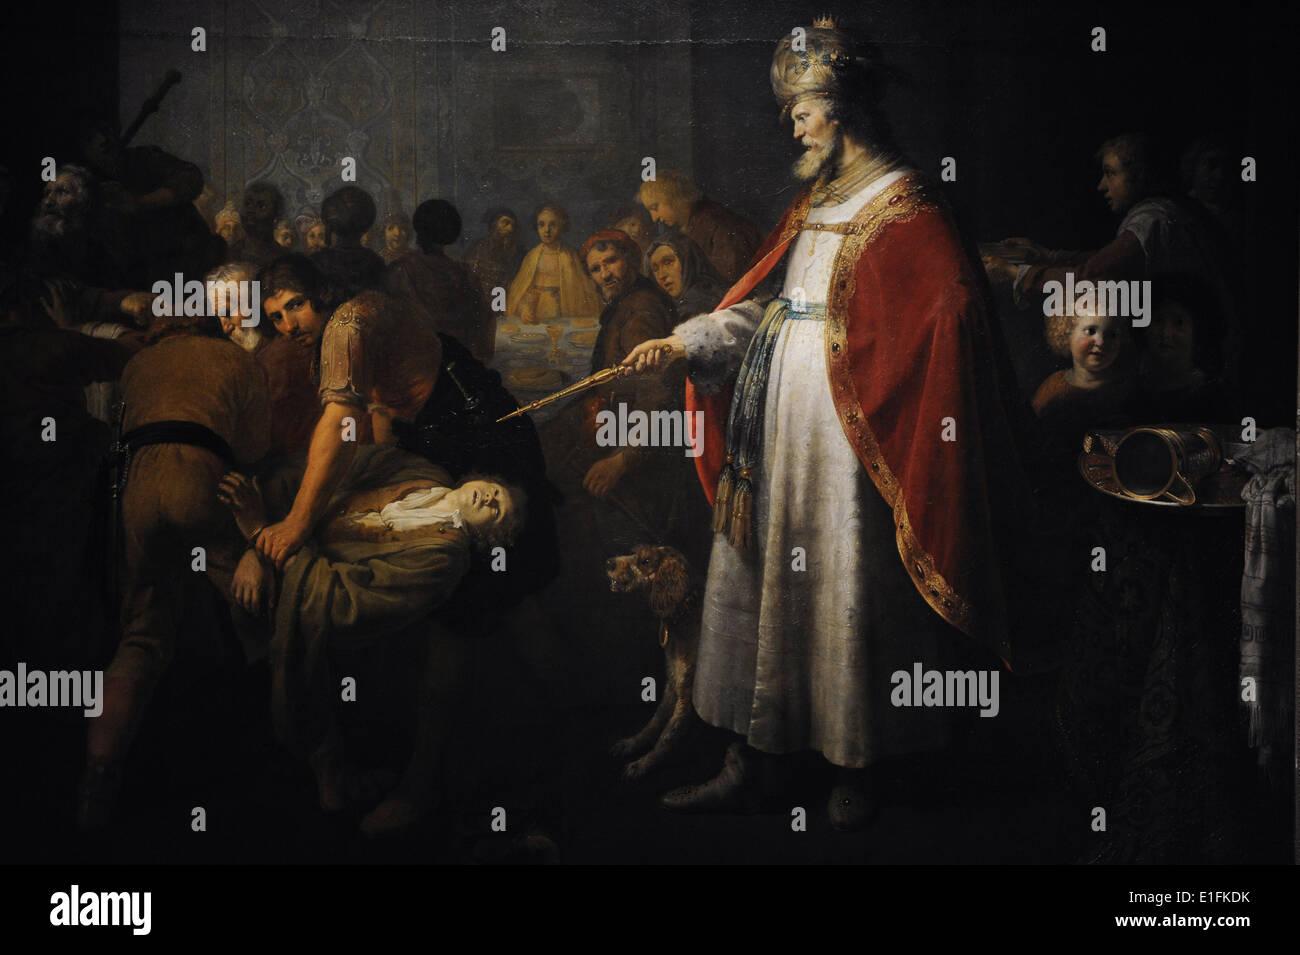 Dirck Dircksz van Santvoort (1610–1680). Dutch Golden Age painter. The parables of the wedding guests, 1640. Stock Photo